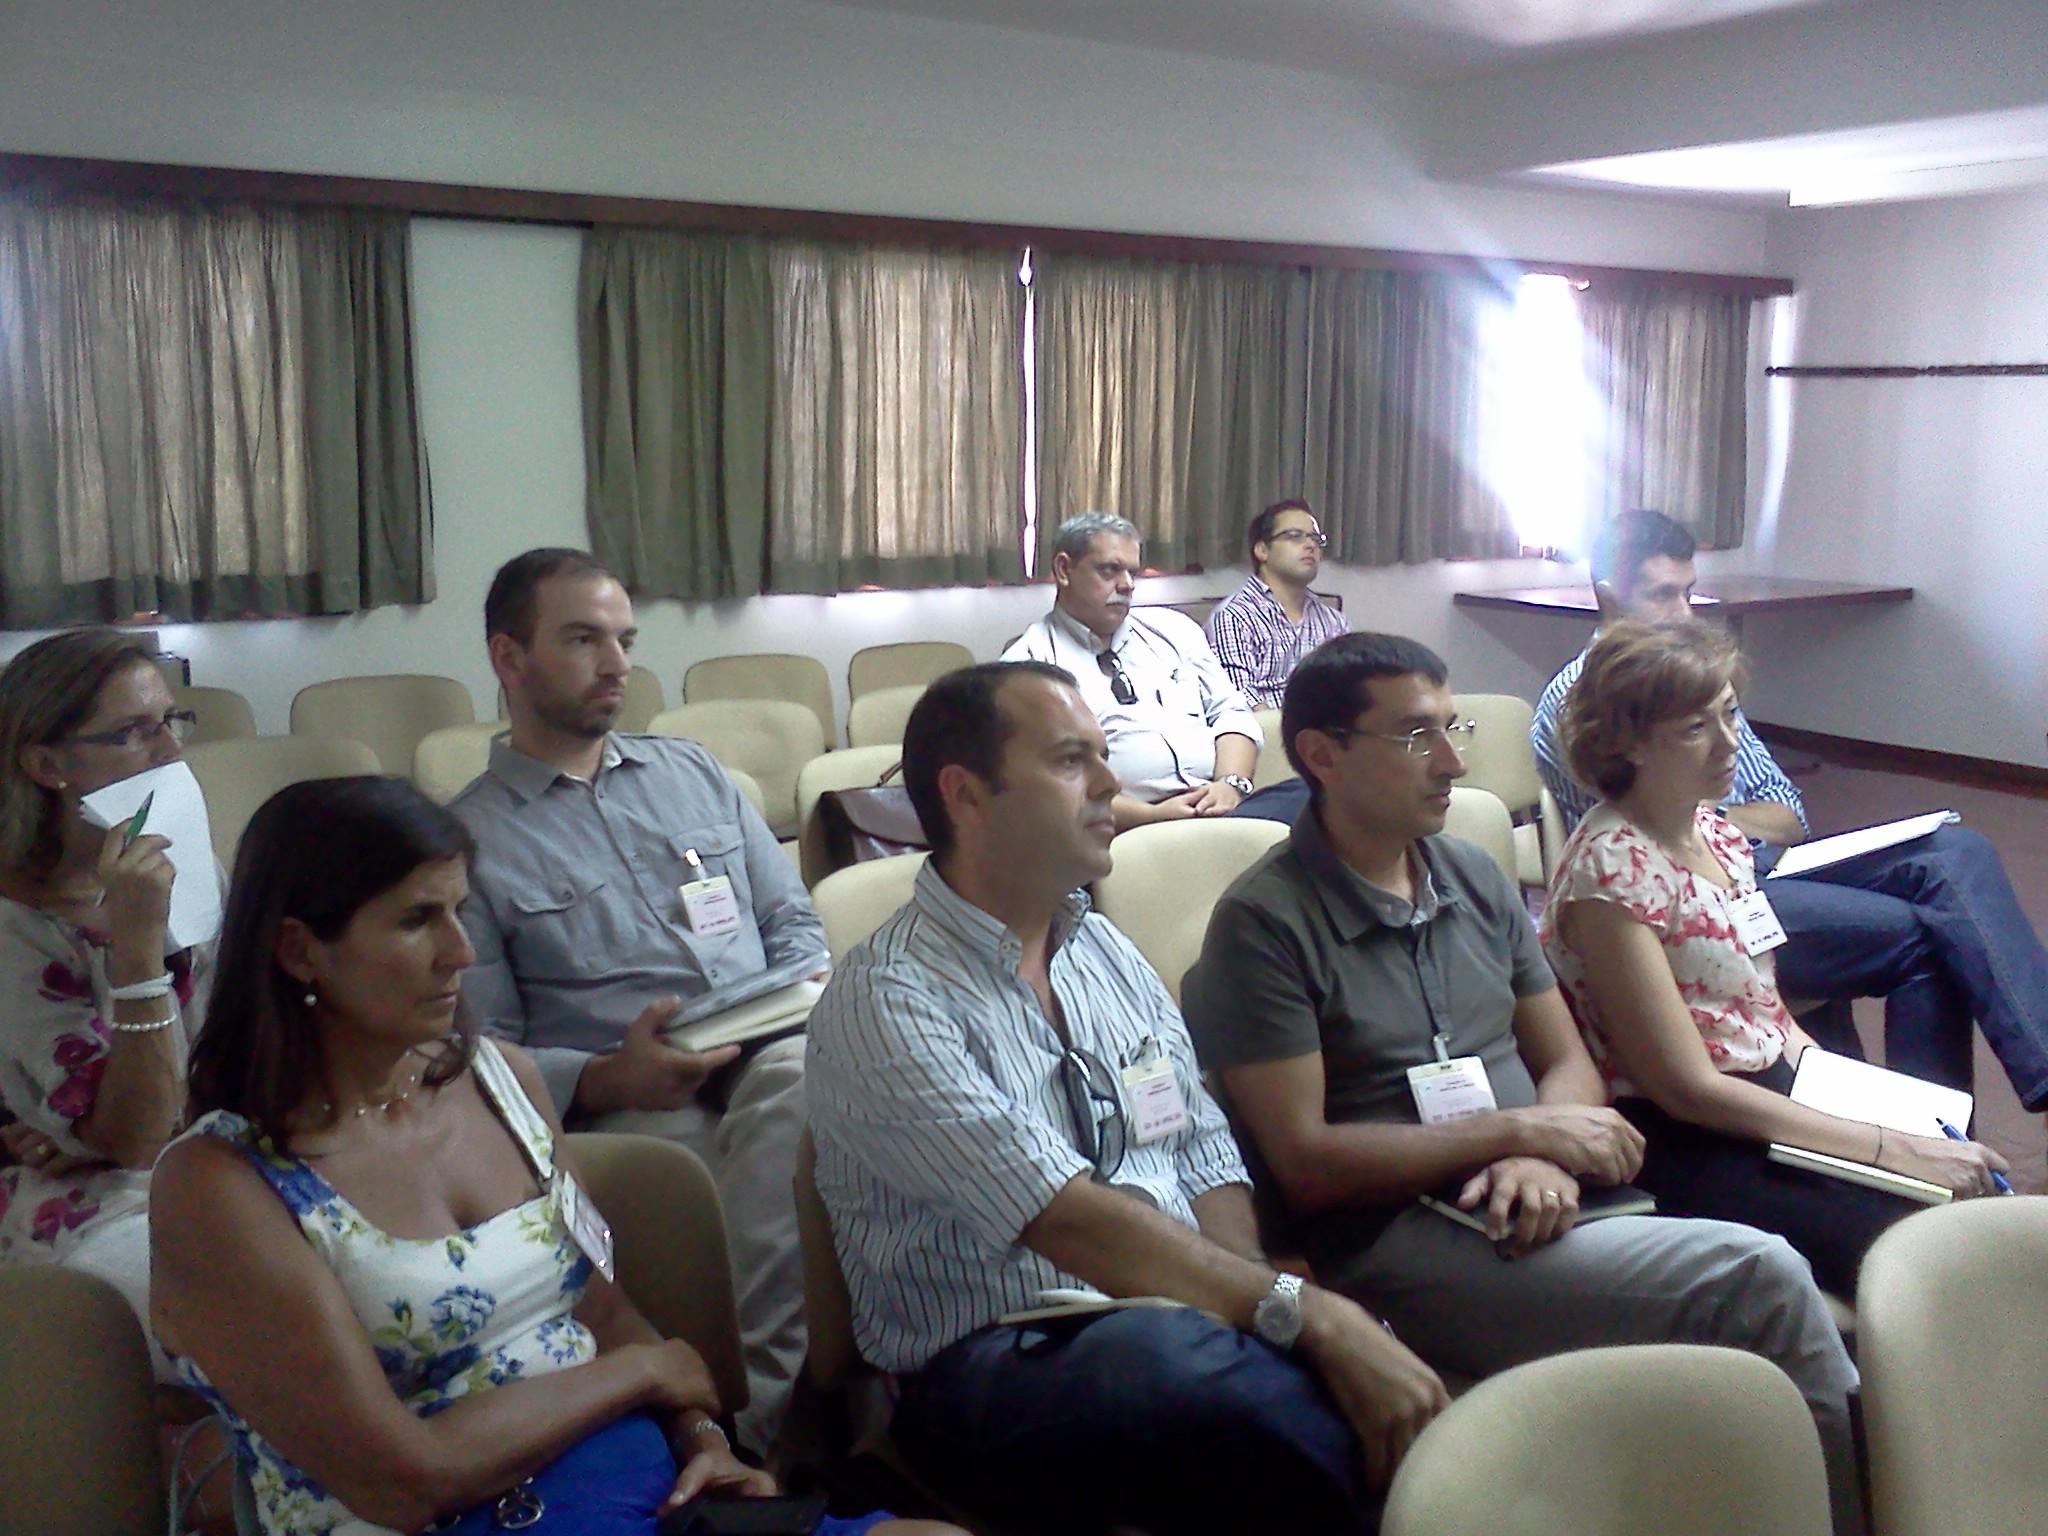 Imagem com o grupo de 'testers' presente no encontro